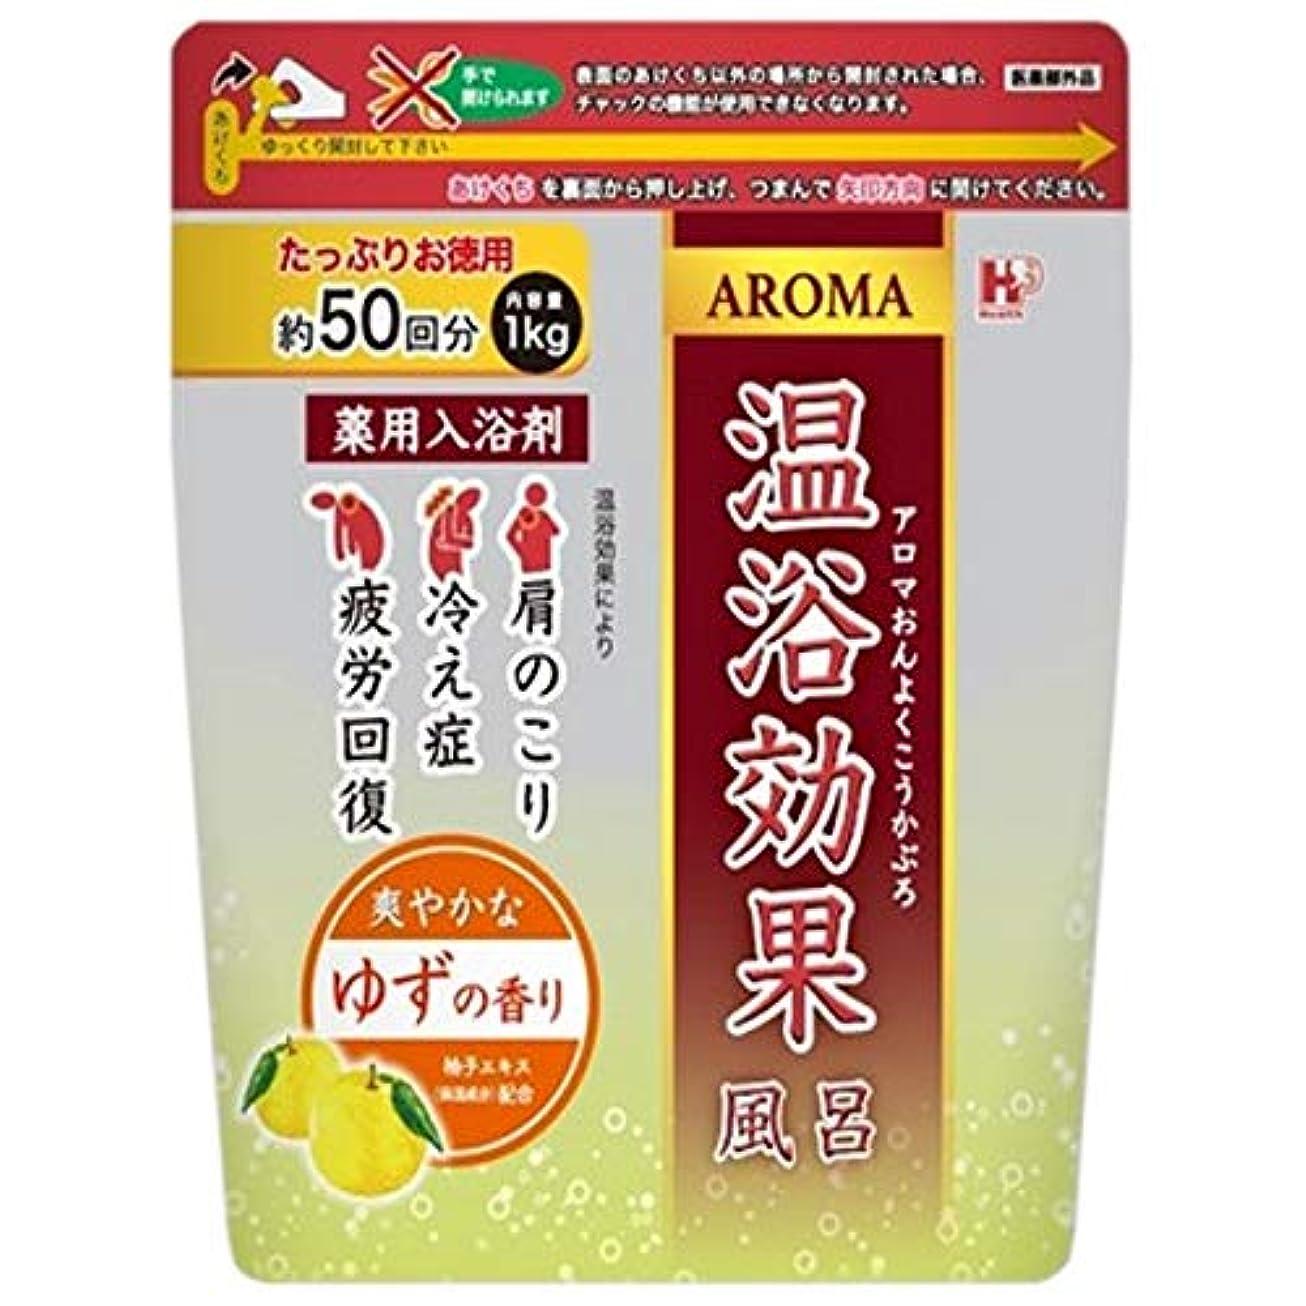 化学薬品まだら淡い薬用入浴剤 アロマ温浴効果風呂 ゆず 1kg×10袋入